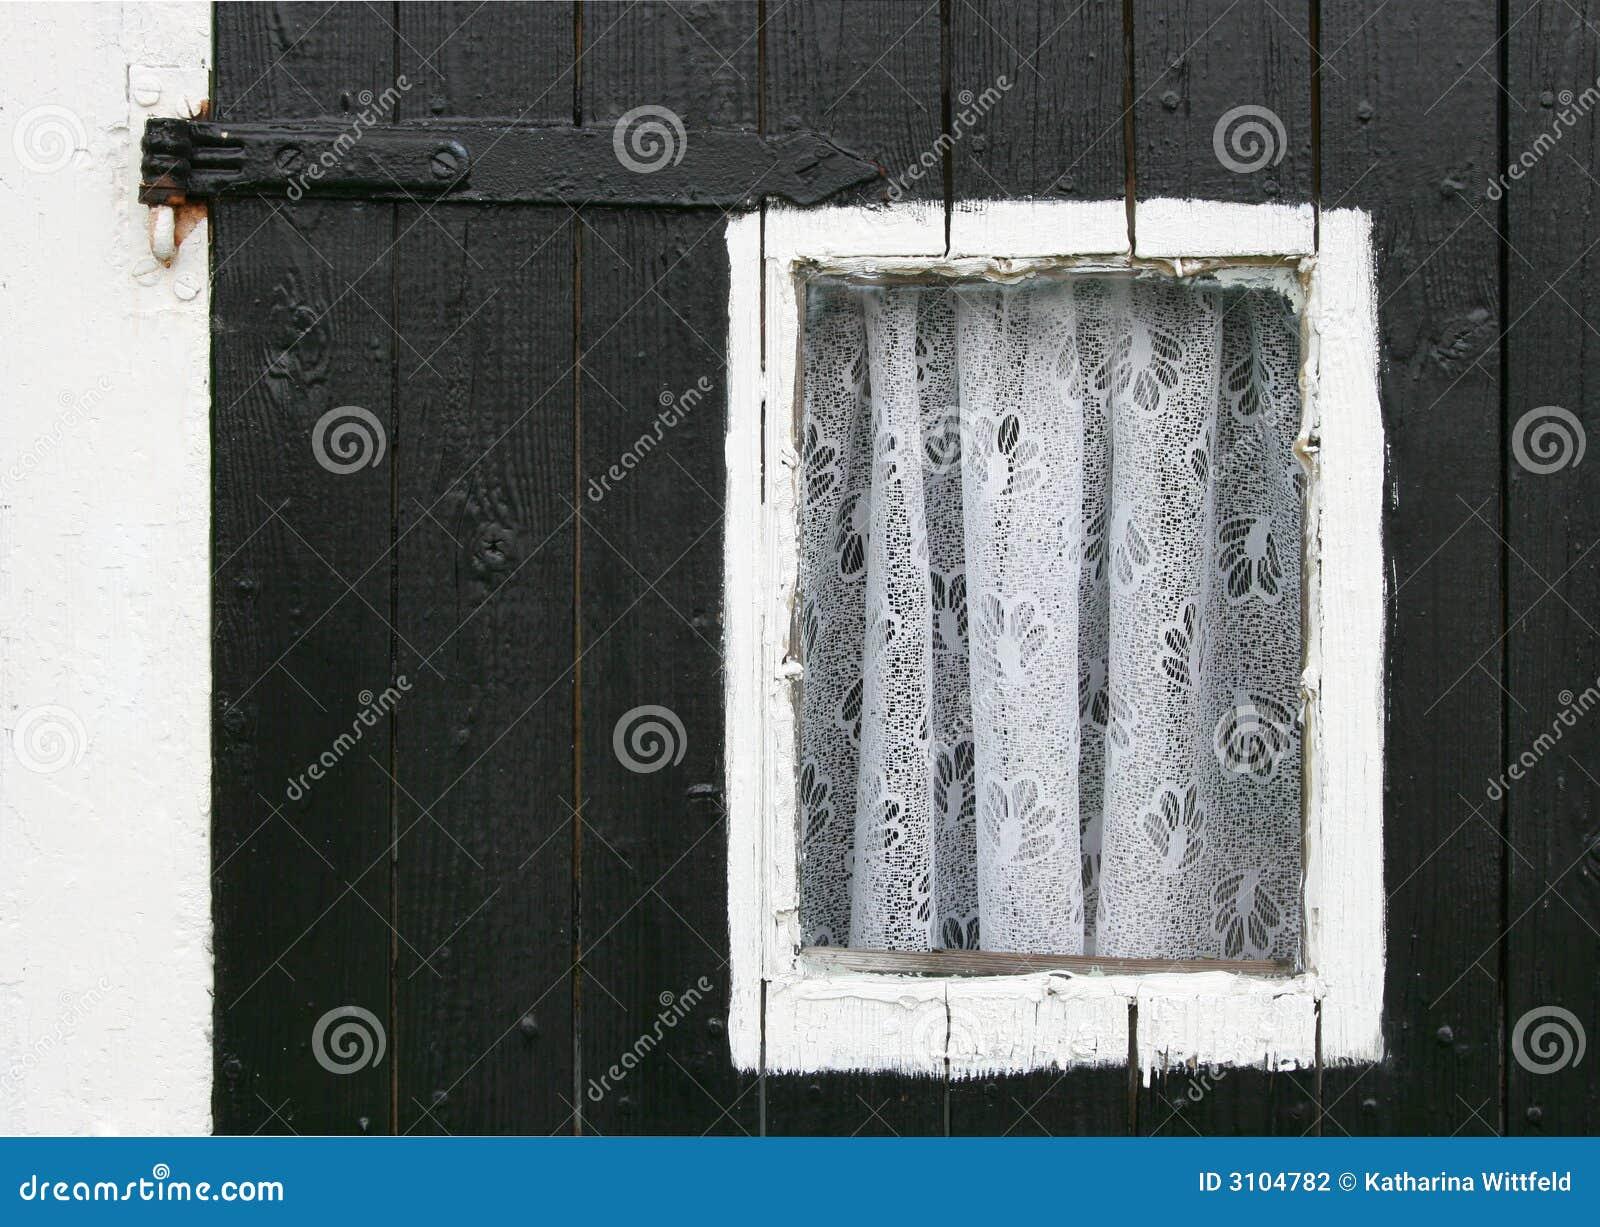 Małe okienko zasłony.